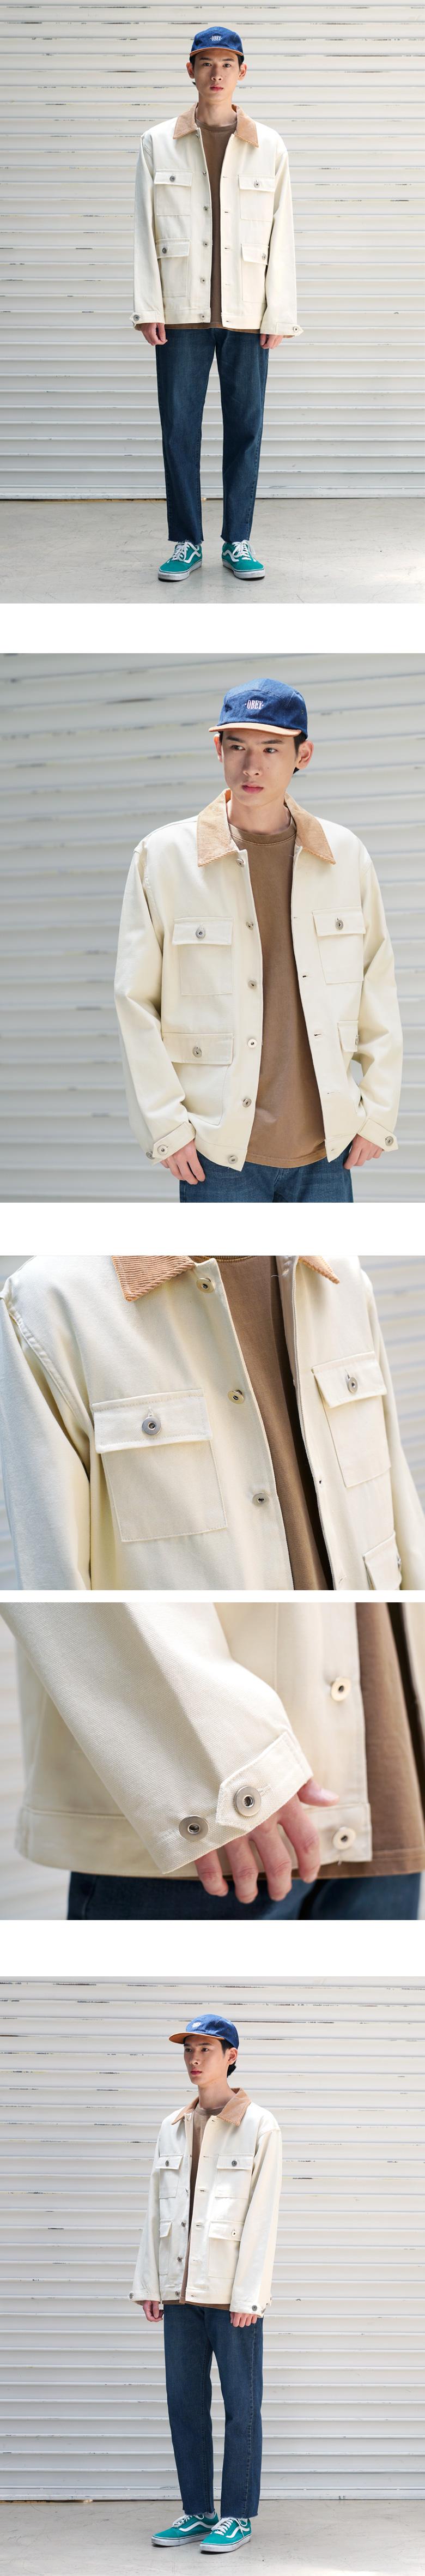 KHOT5081_model_01.jpg